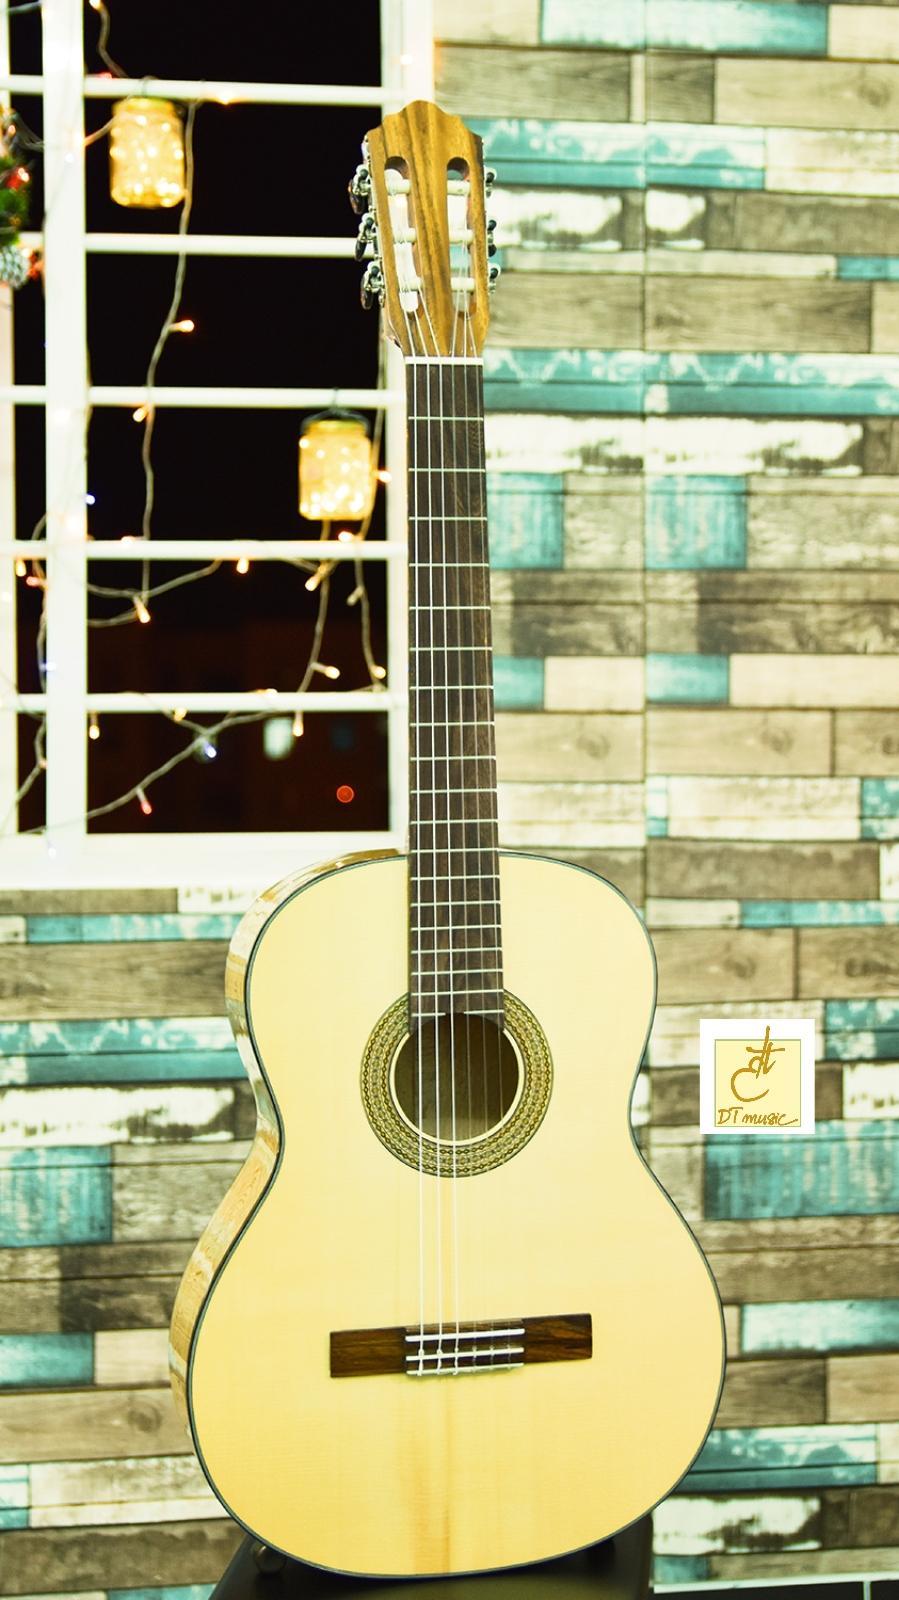 Đàn Guitar Classic   Gỗ Sồi (nguyên miếng)   Guitar Việt   DT-C30   Tặng kèm bao da và phụ kiện